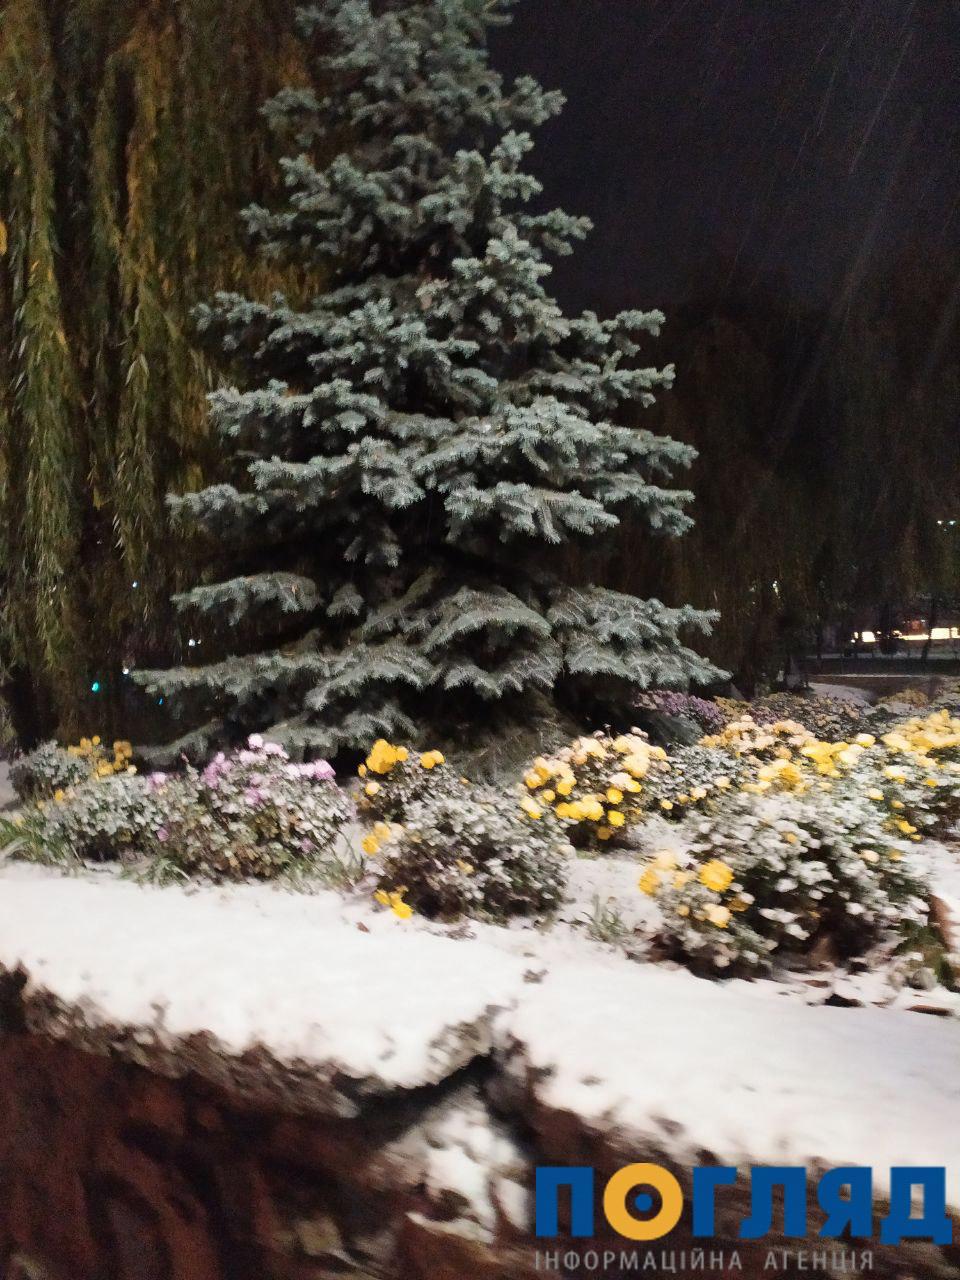 Засніжило: на Київщині випав перший сніг (ФОТО) - сніг, погода, перший сніг - 17 sneg obuhov2 1